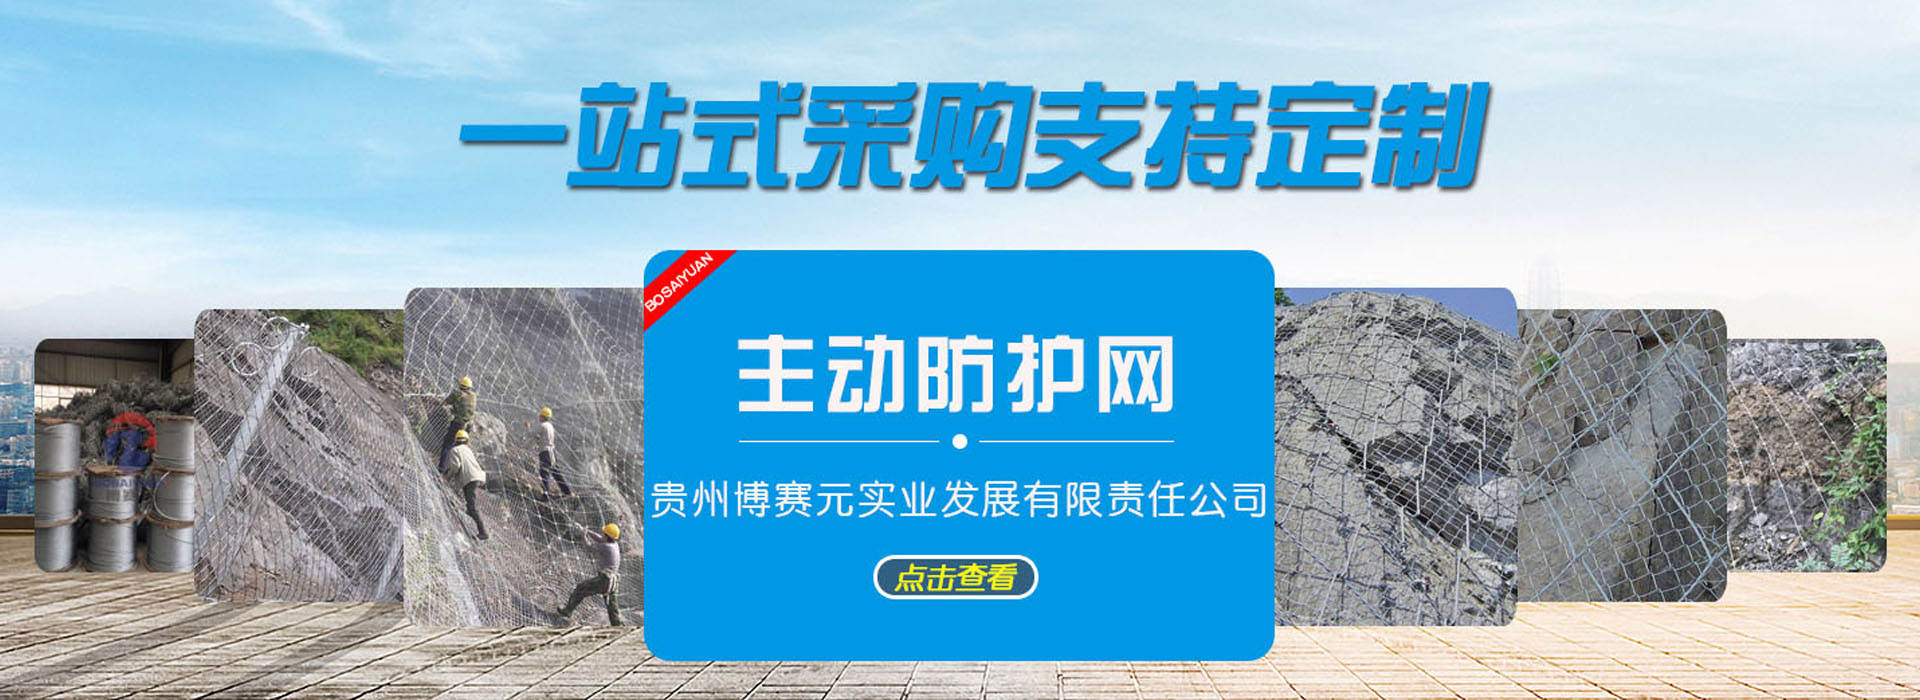 贵阳必威app安卓版